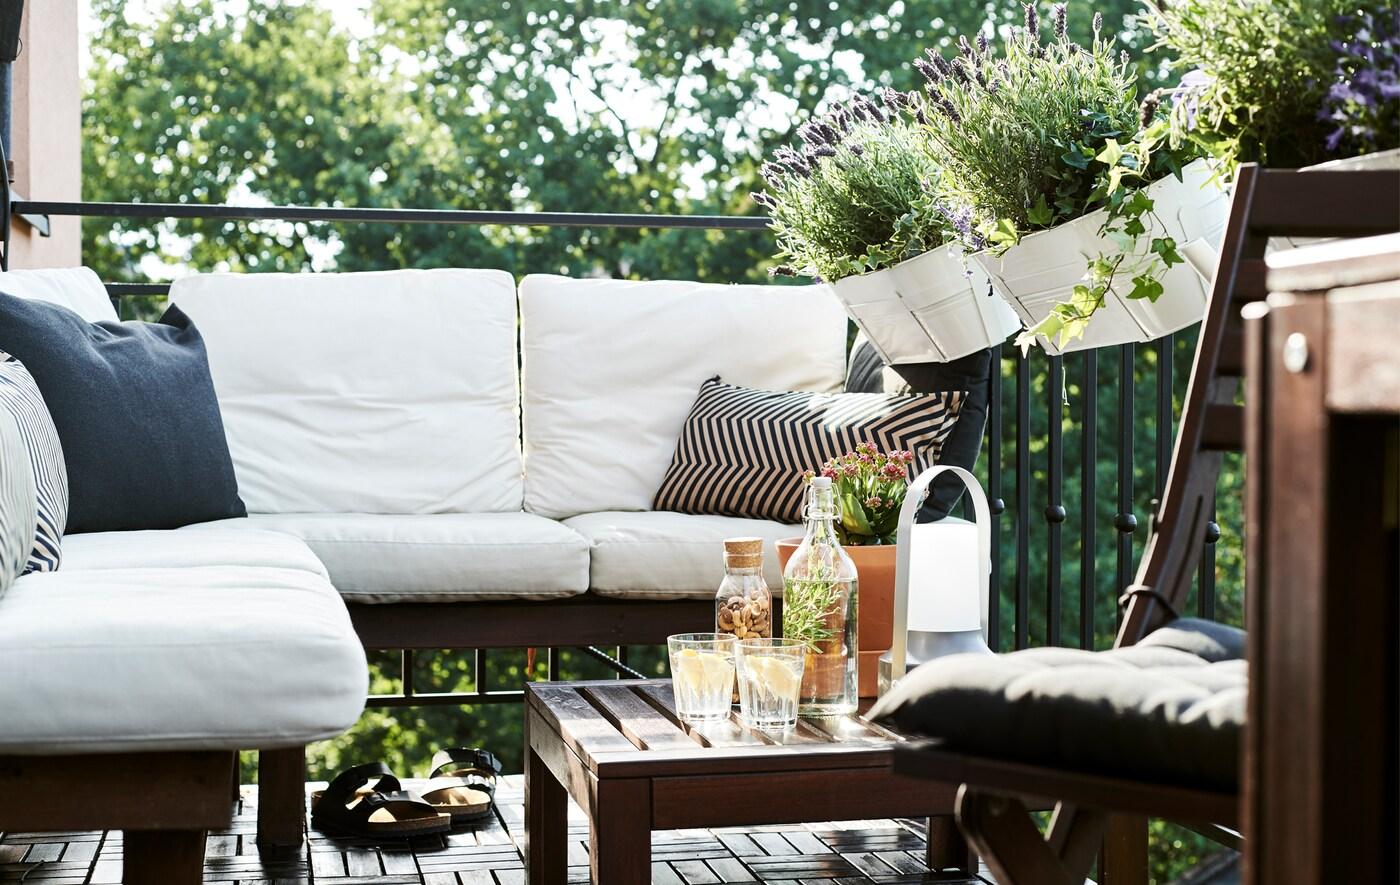 Du mobilier en bois foncé avec des coussins blancs sur un balcon avec des cache-pots.